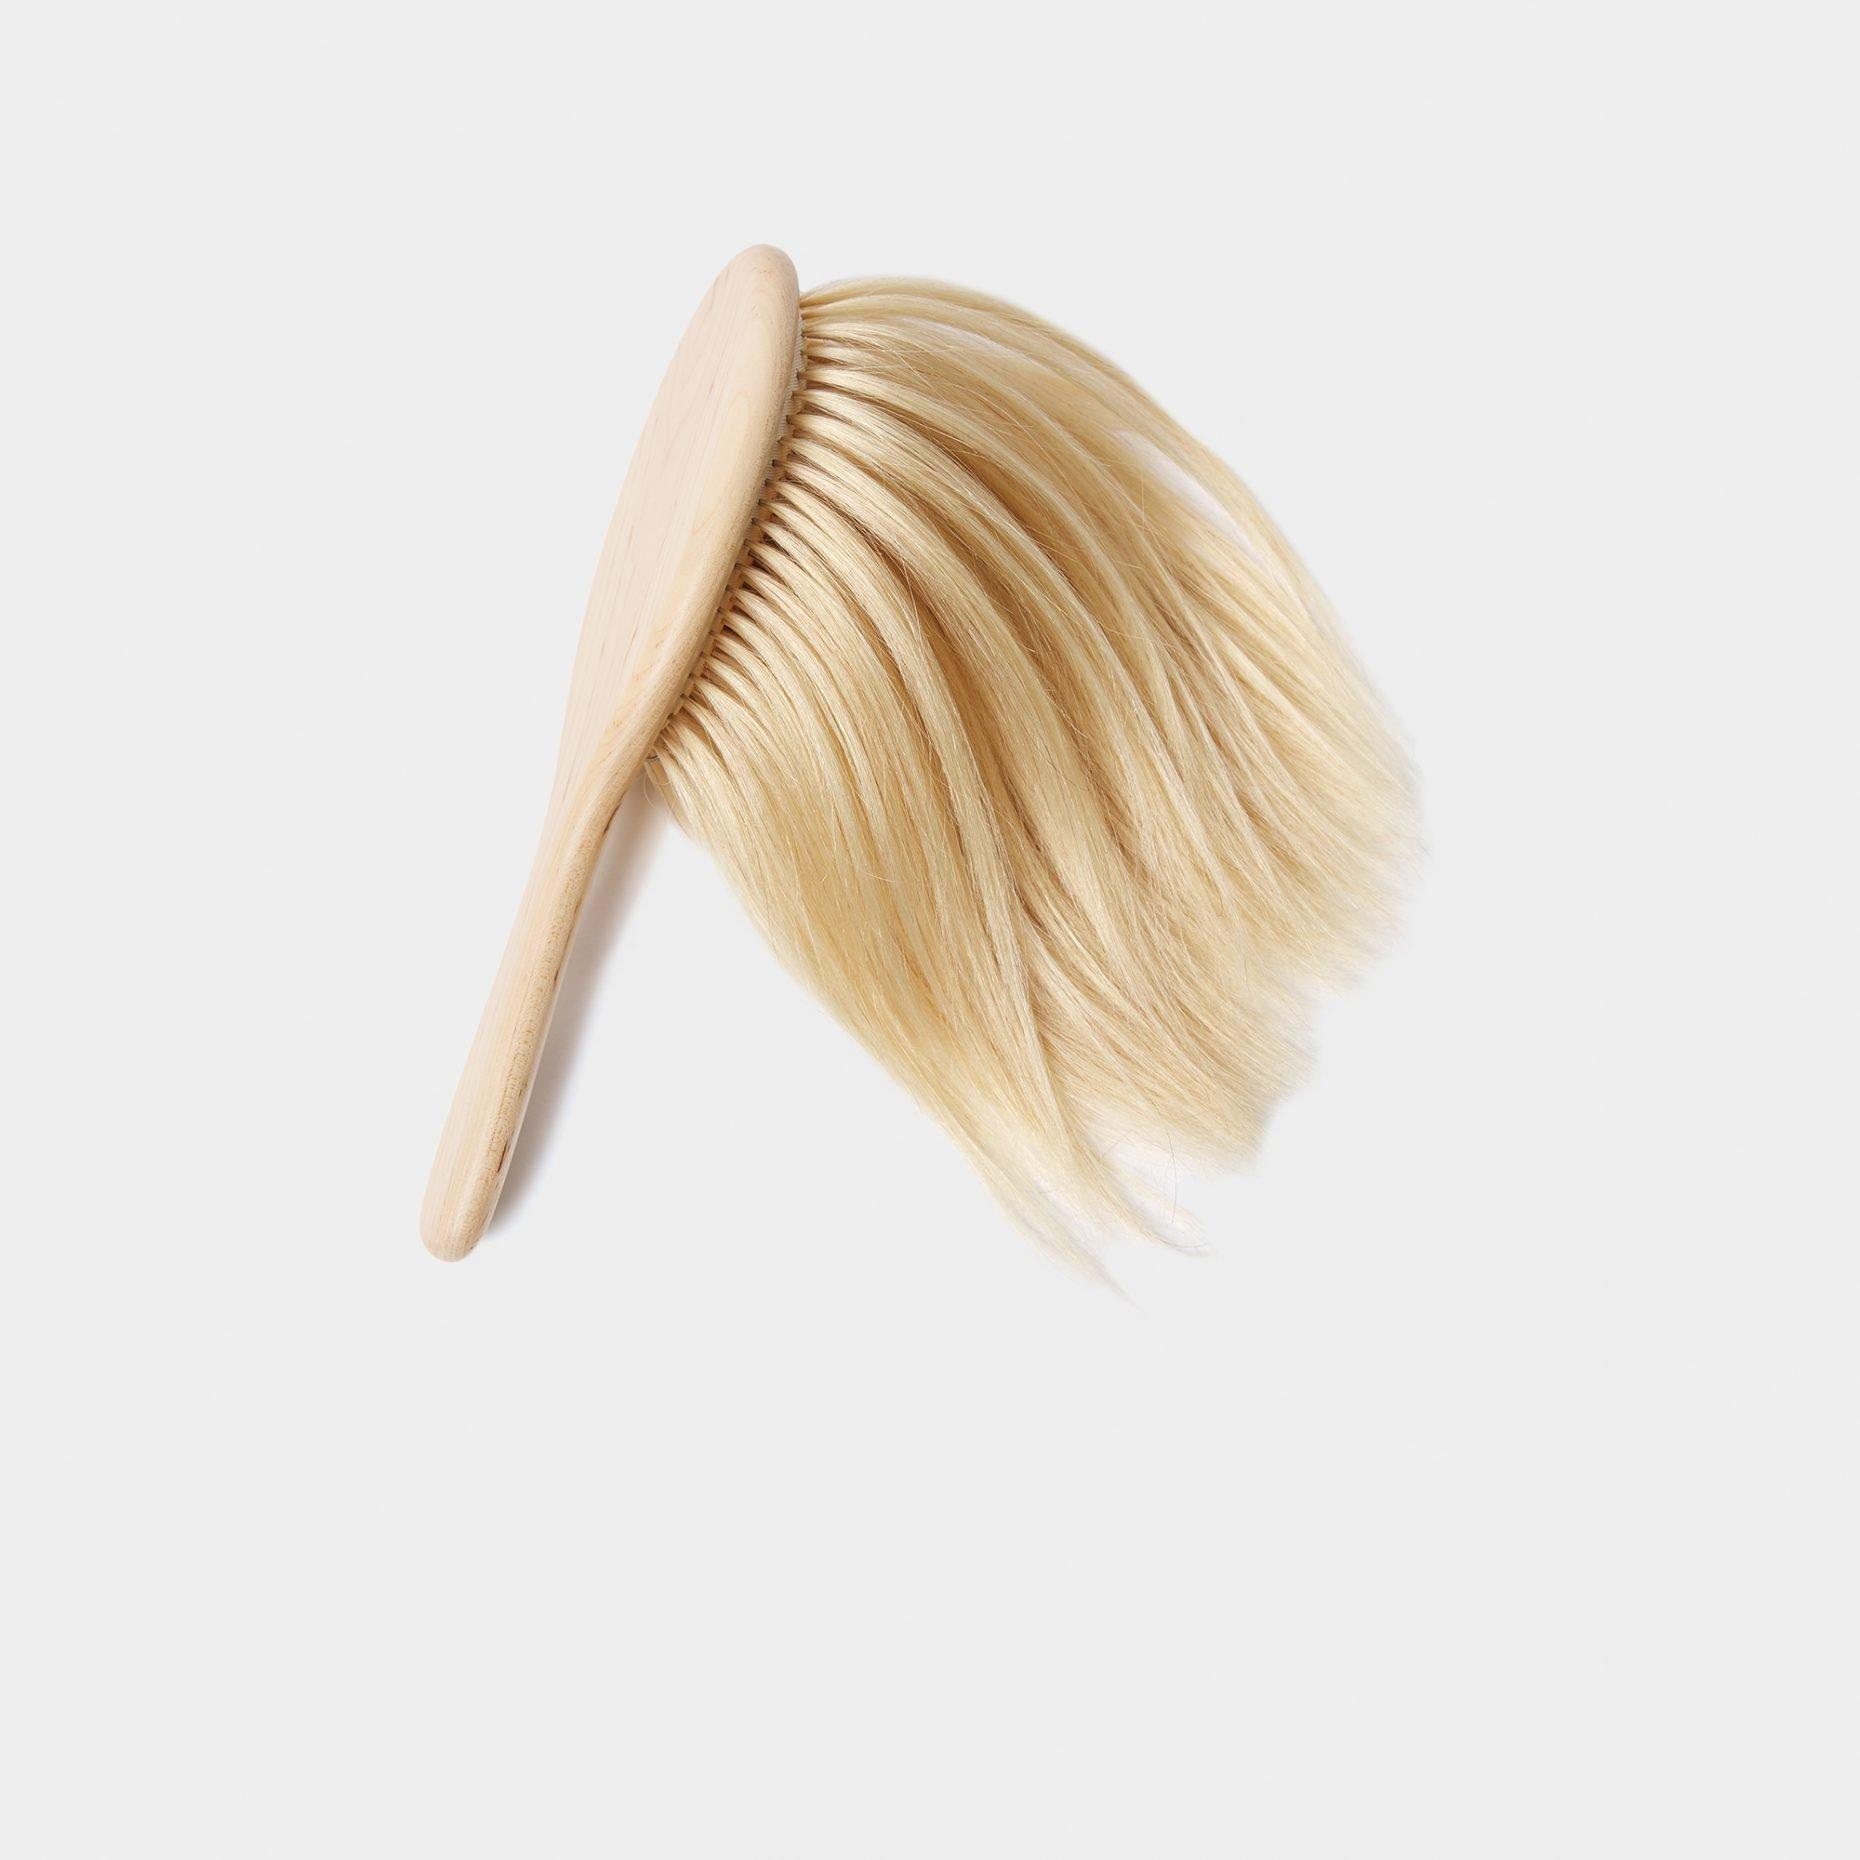 Bless Hairbrush